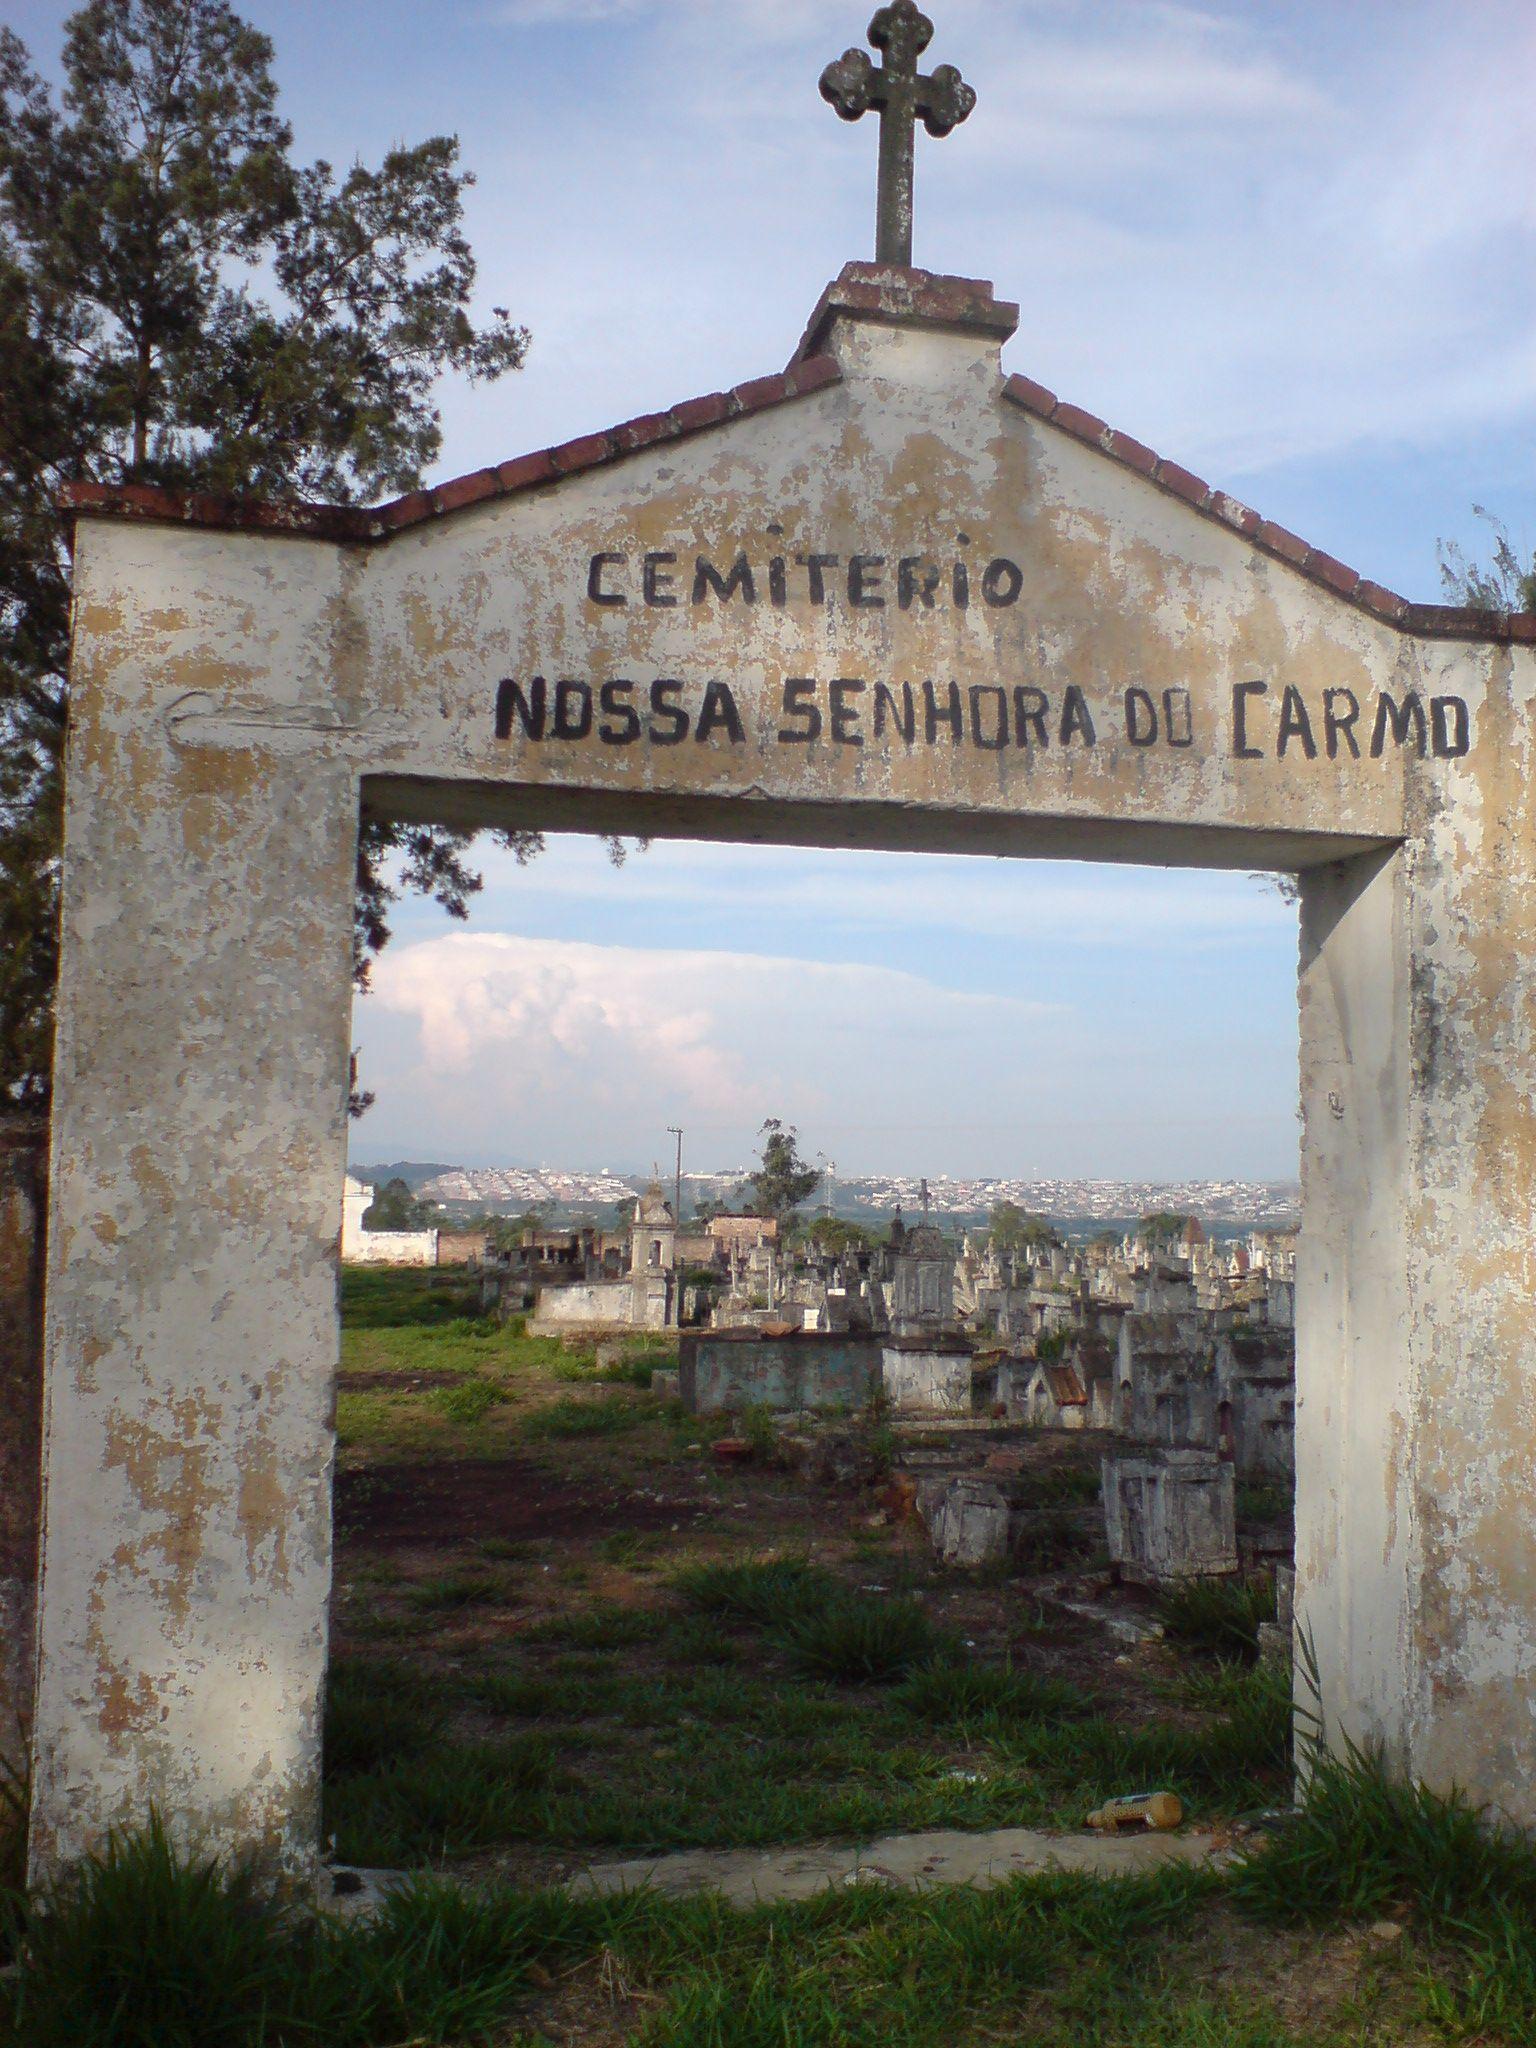 cemitrio Nossa Senhora do Carmo cemitrio dos leprosos Mogi das